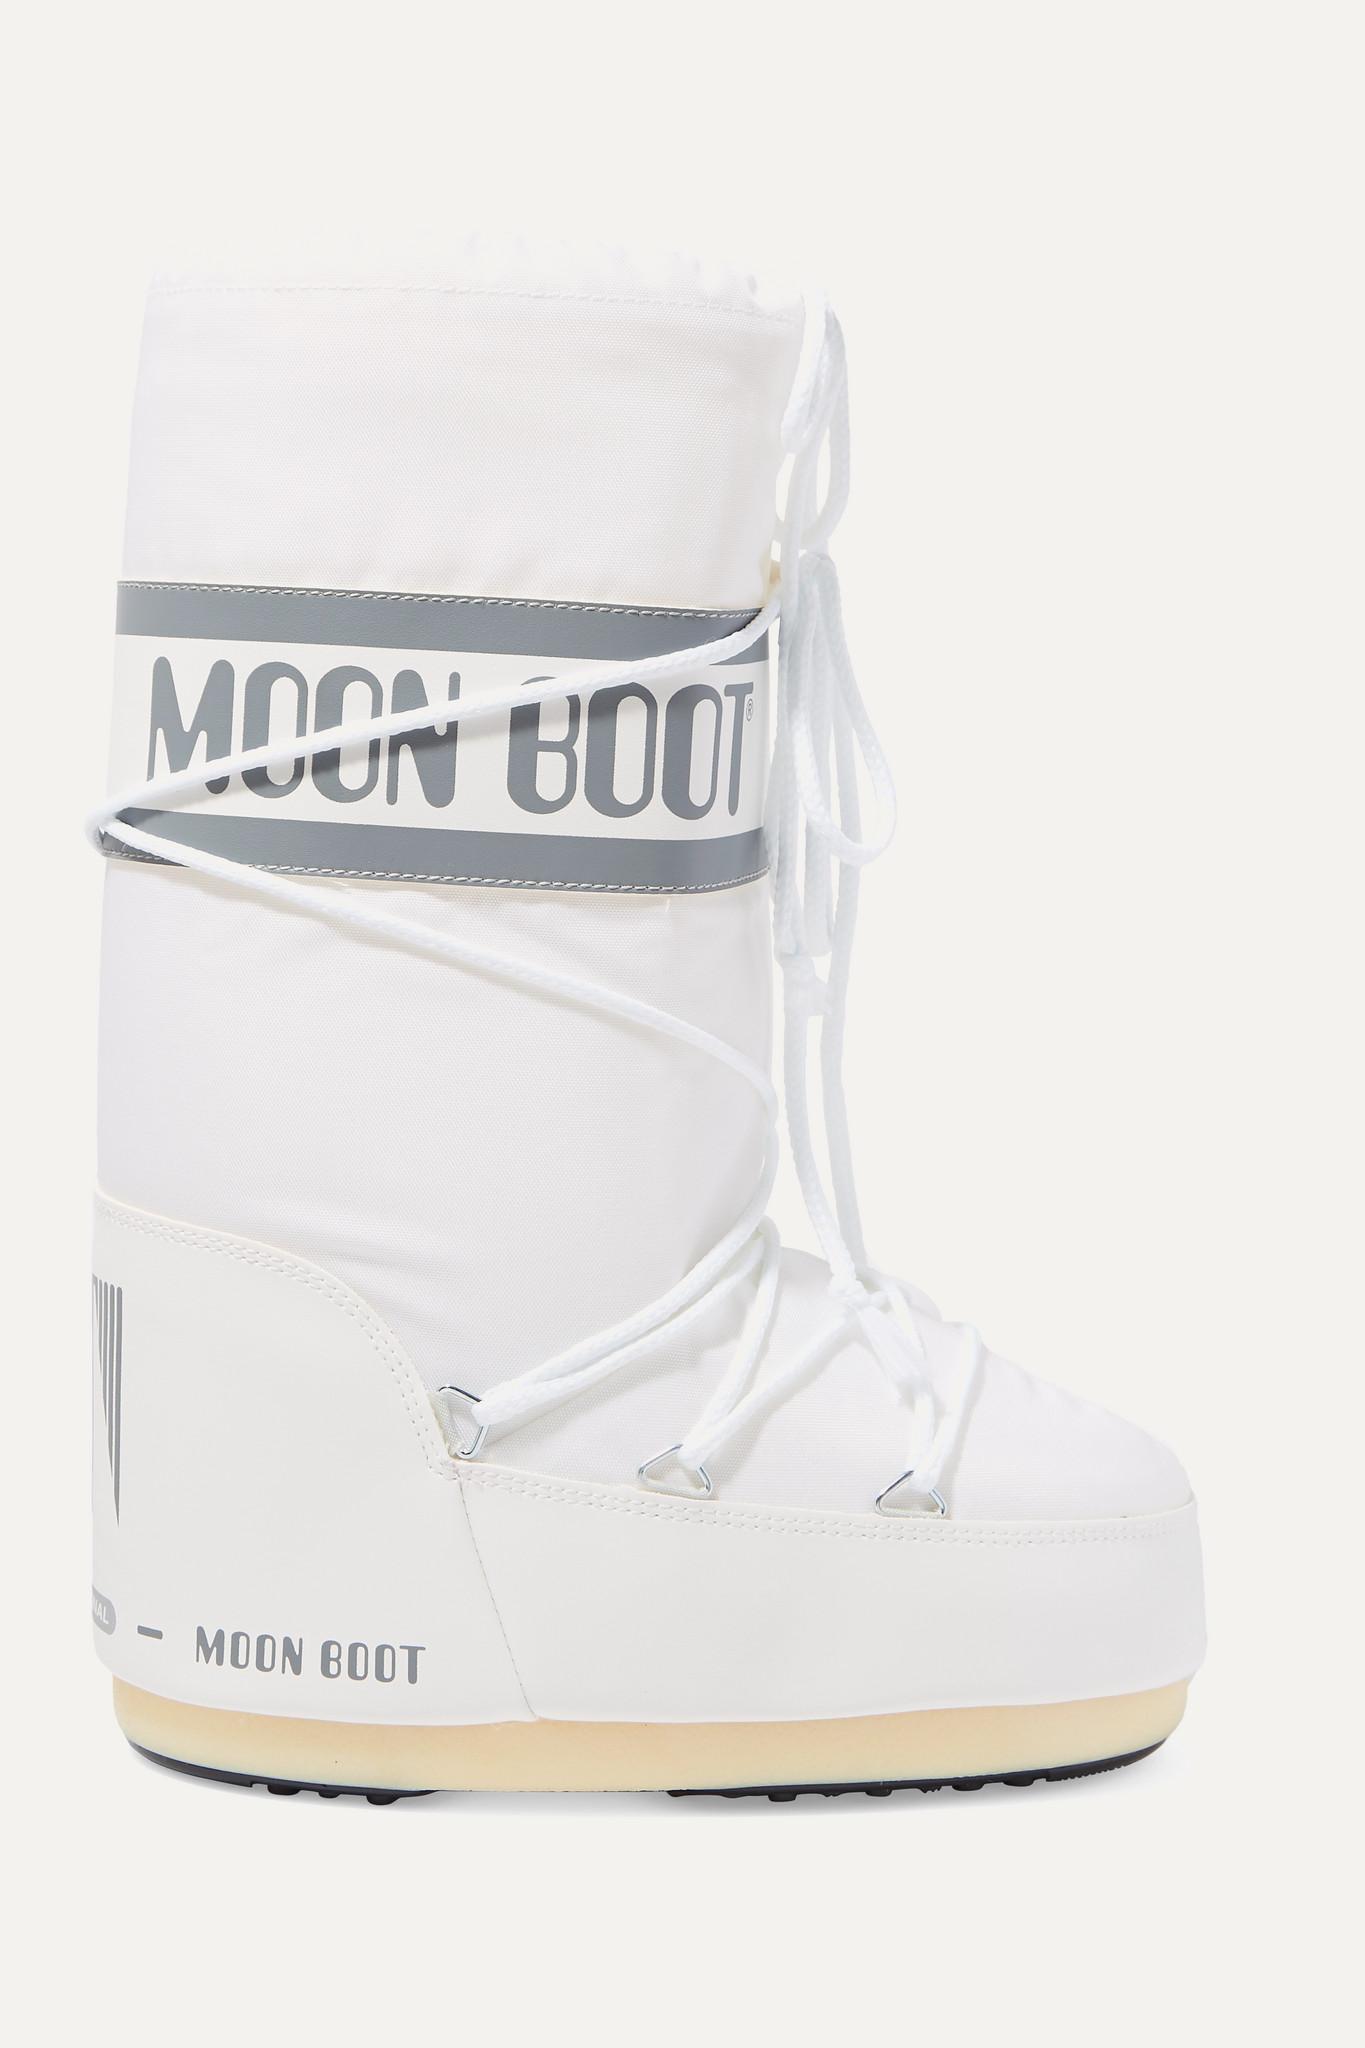 MOON BOOT - 软壳面料人造皮革雪地靴 - 白色 - 42/44